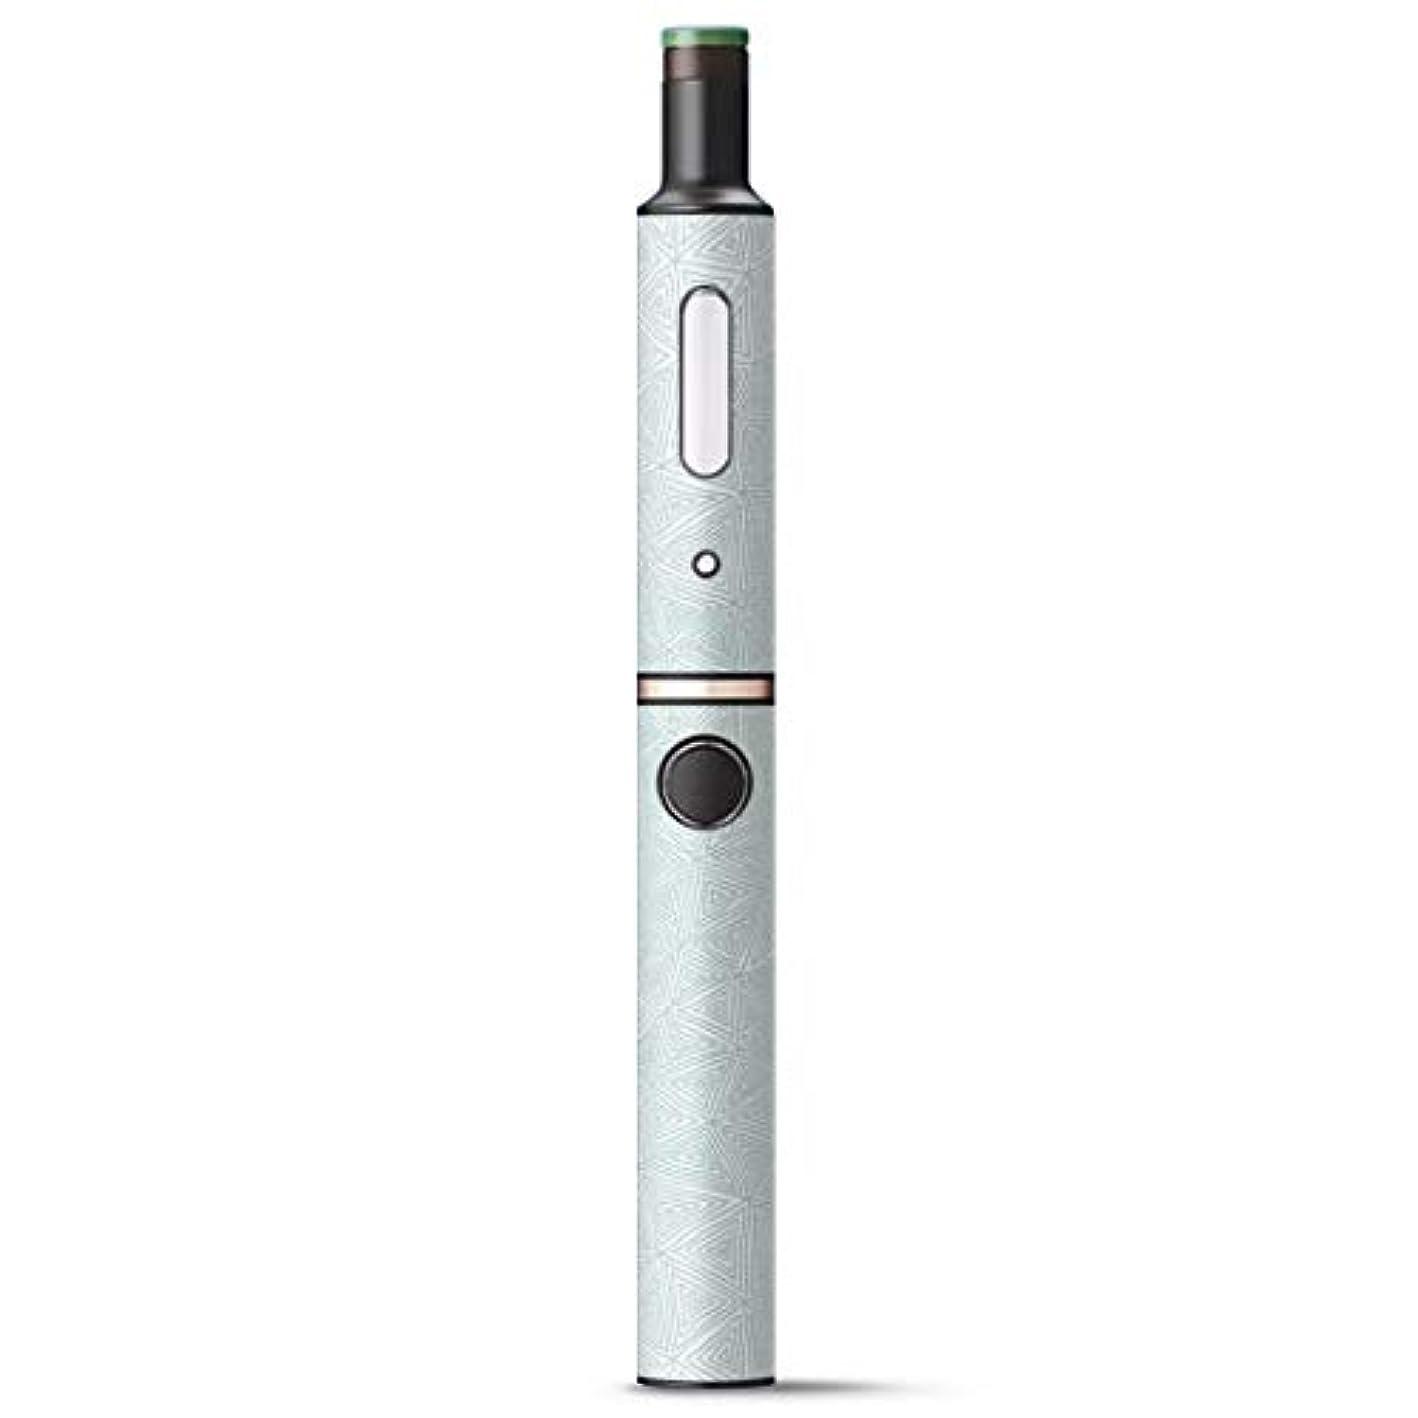 充電収束する遠えigsticker Ploom TECH + Plus プラス 専用 デザインスキンシール プルームテック カバー ケース 保護 フィルム ステッカー 050054